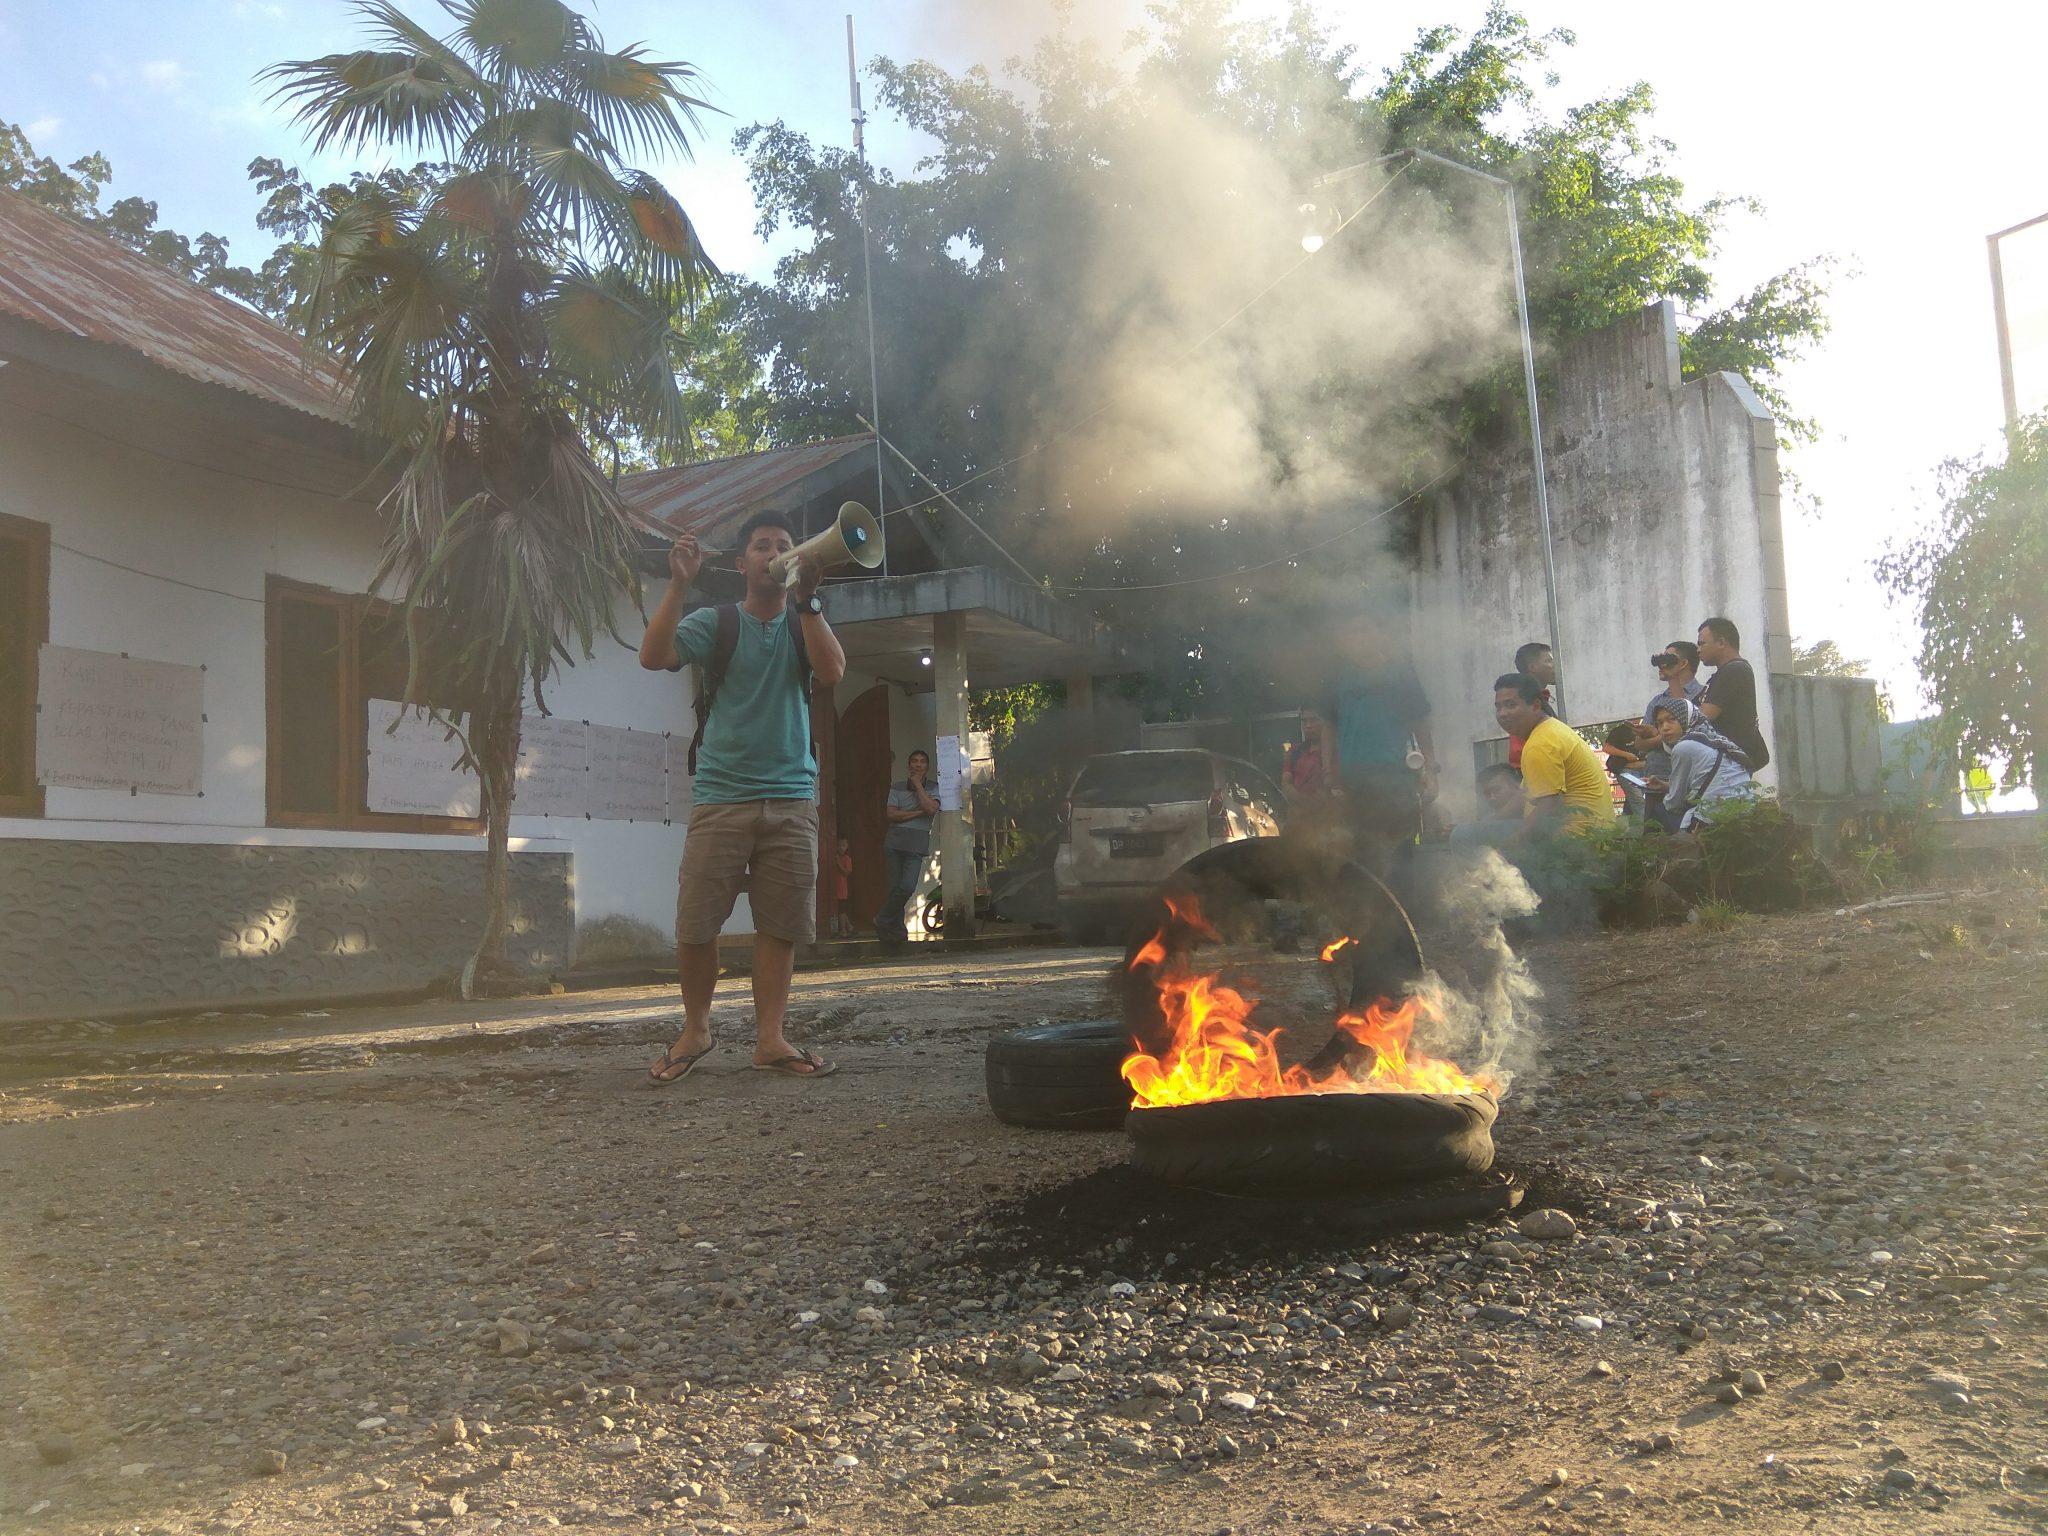 Mahasiswa membakar ban di halaman kampus UDK.